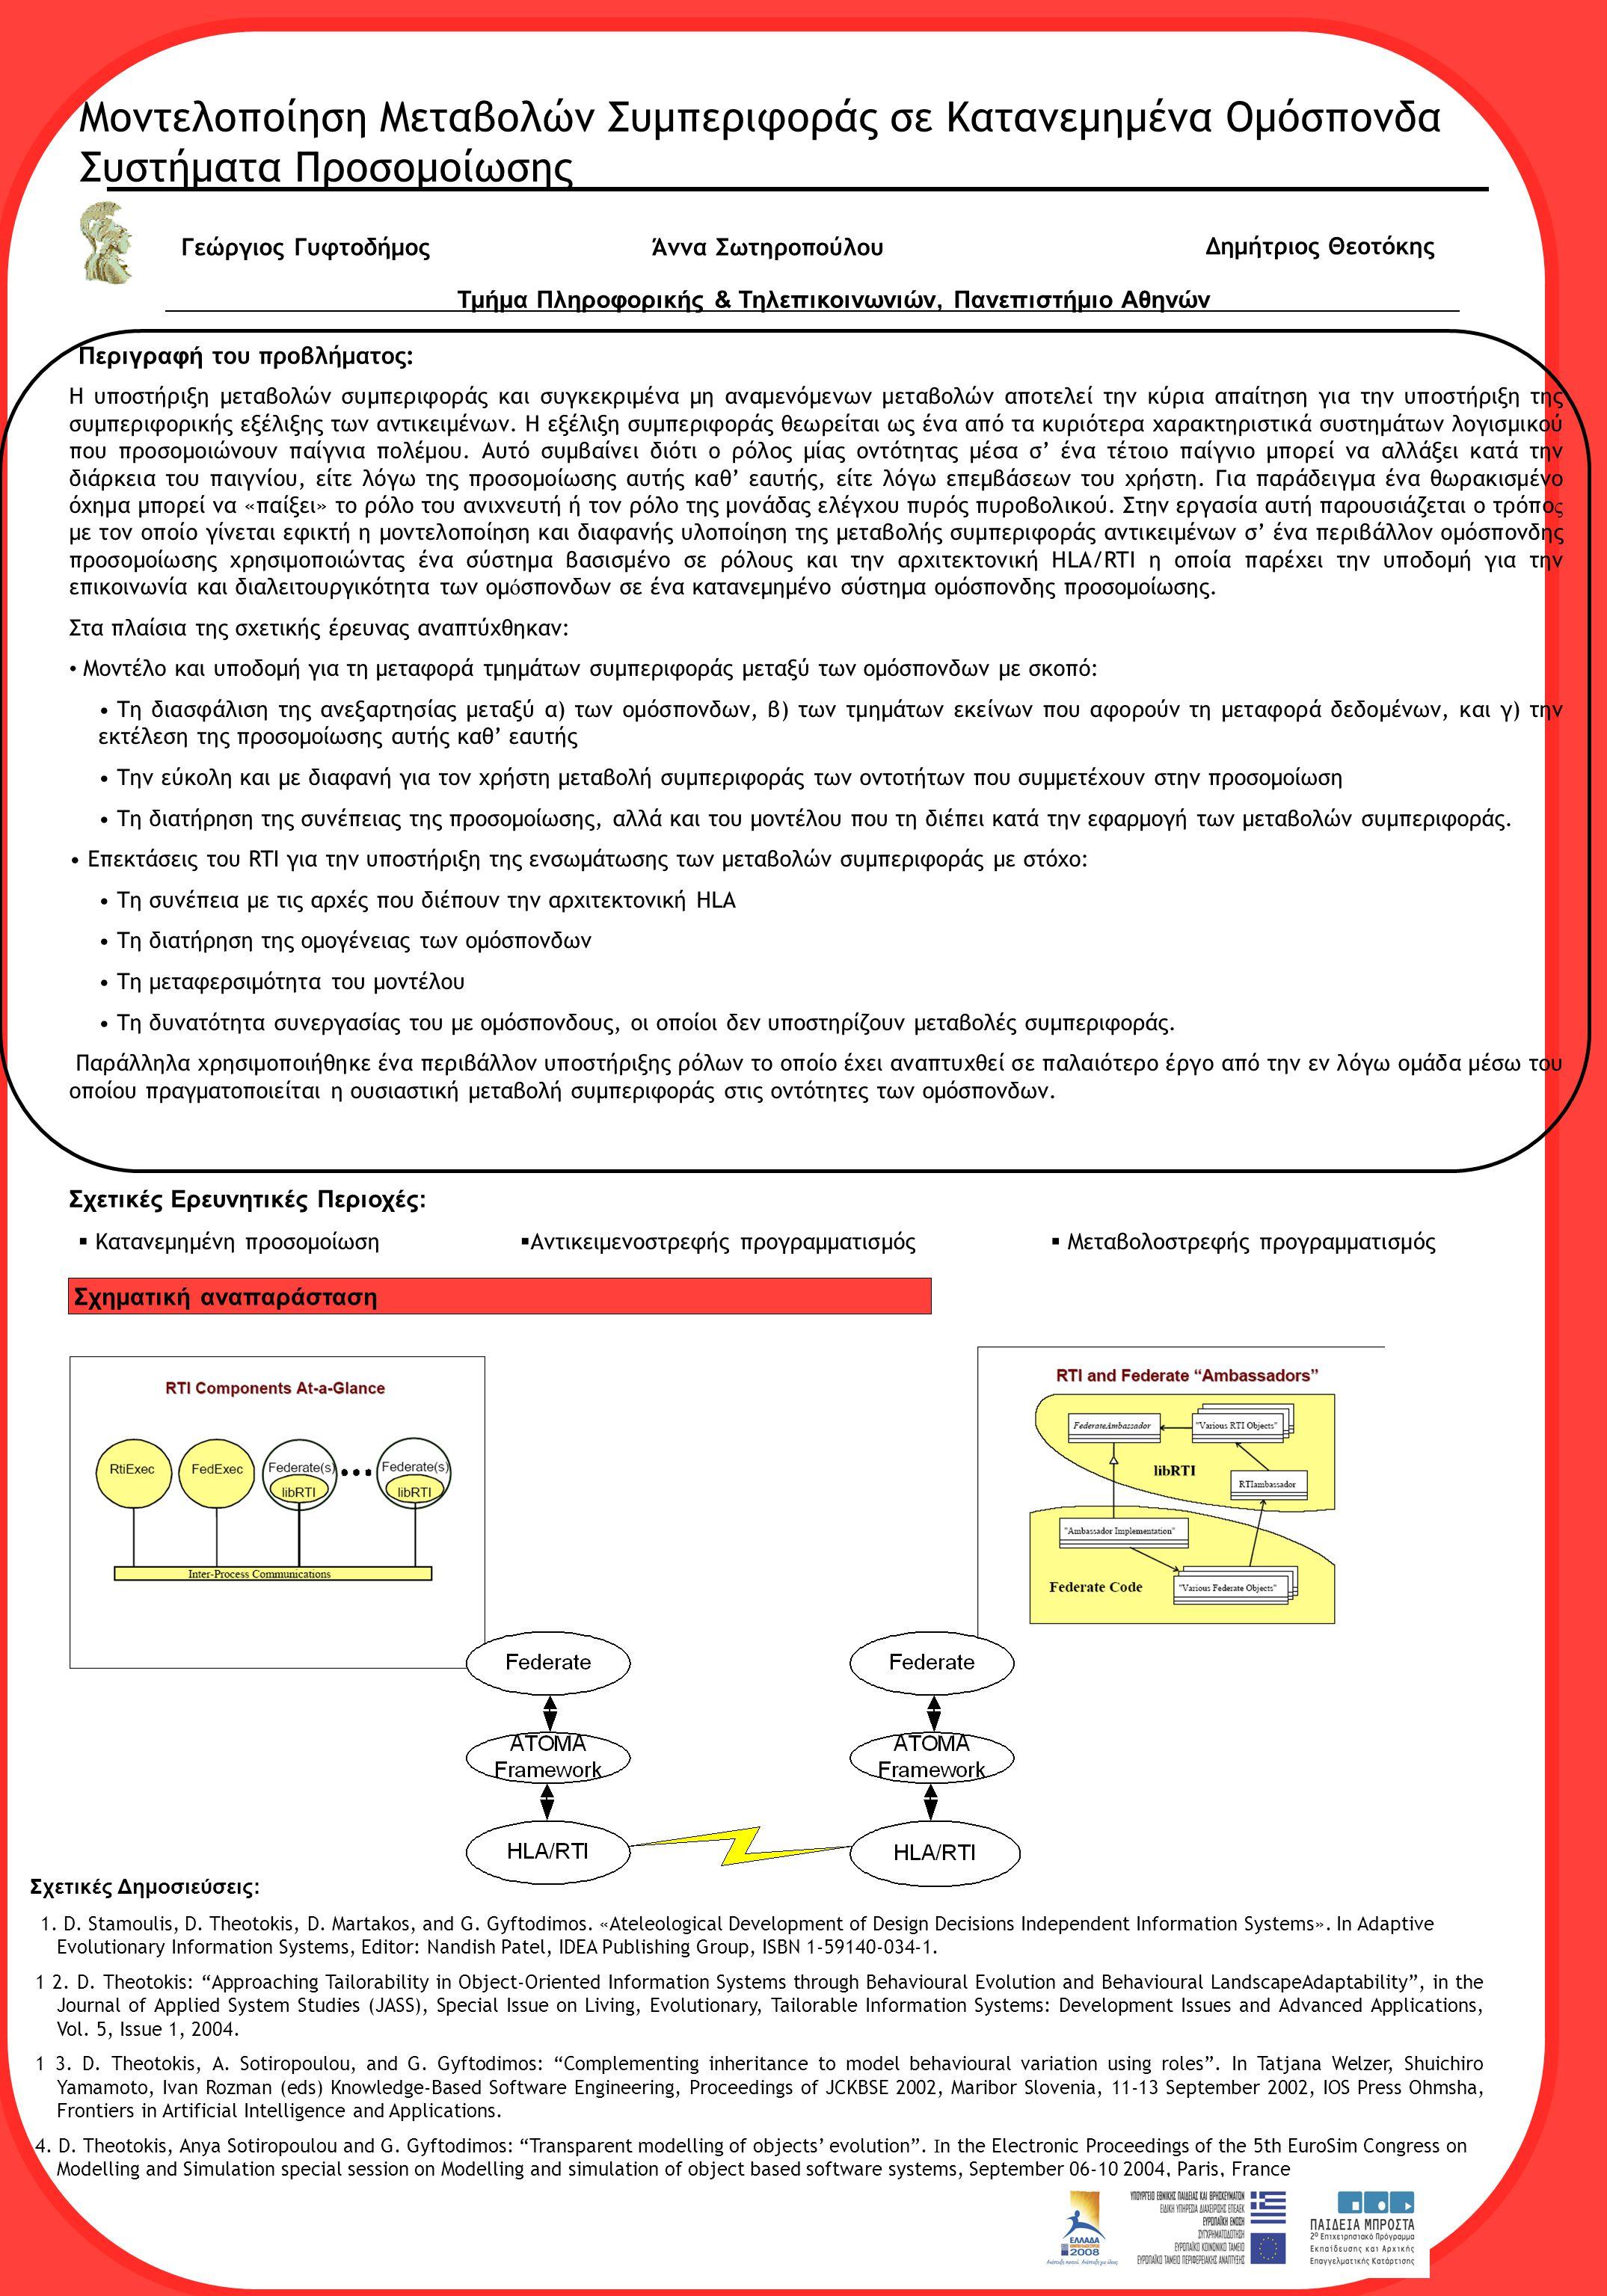 Μοντελοποίηση Μεταβολών Συμπεριφοράς σε Κατανεμημένα Ομόσπονδα Συστήματα Προσομοίωσης Γεώργιος Γυφτοδήμος Δημήτριος Θεοτόκης Περιγραφή του προβλήματος: Η υποστήριξη μεταβολών συμπεριφοράς και συγκεκριμένα μη αναμενόμενων μεταβολών αποτελεί την κύρια απαίτηση για την υποστήριξη της συμπεριφορικής εξέλιξης των αντικειμένων.